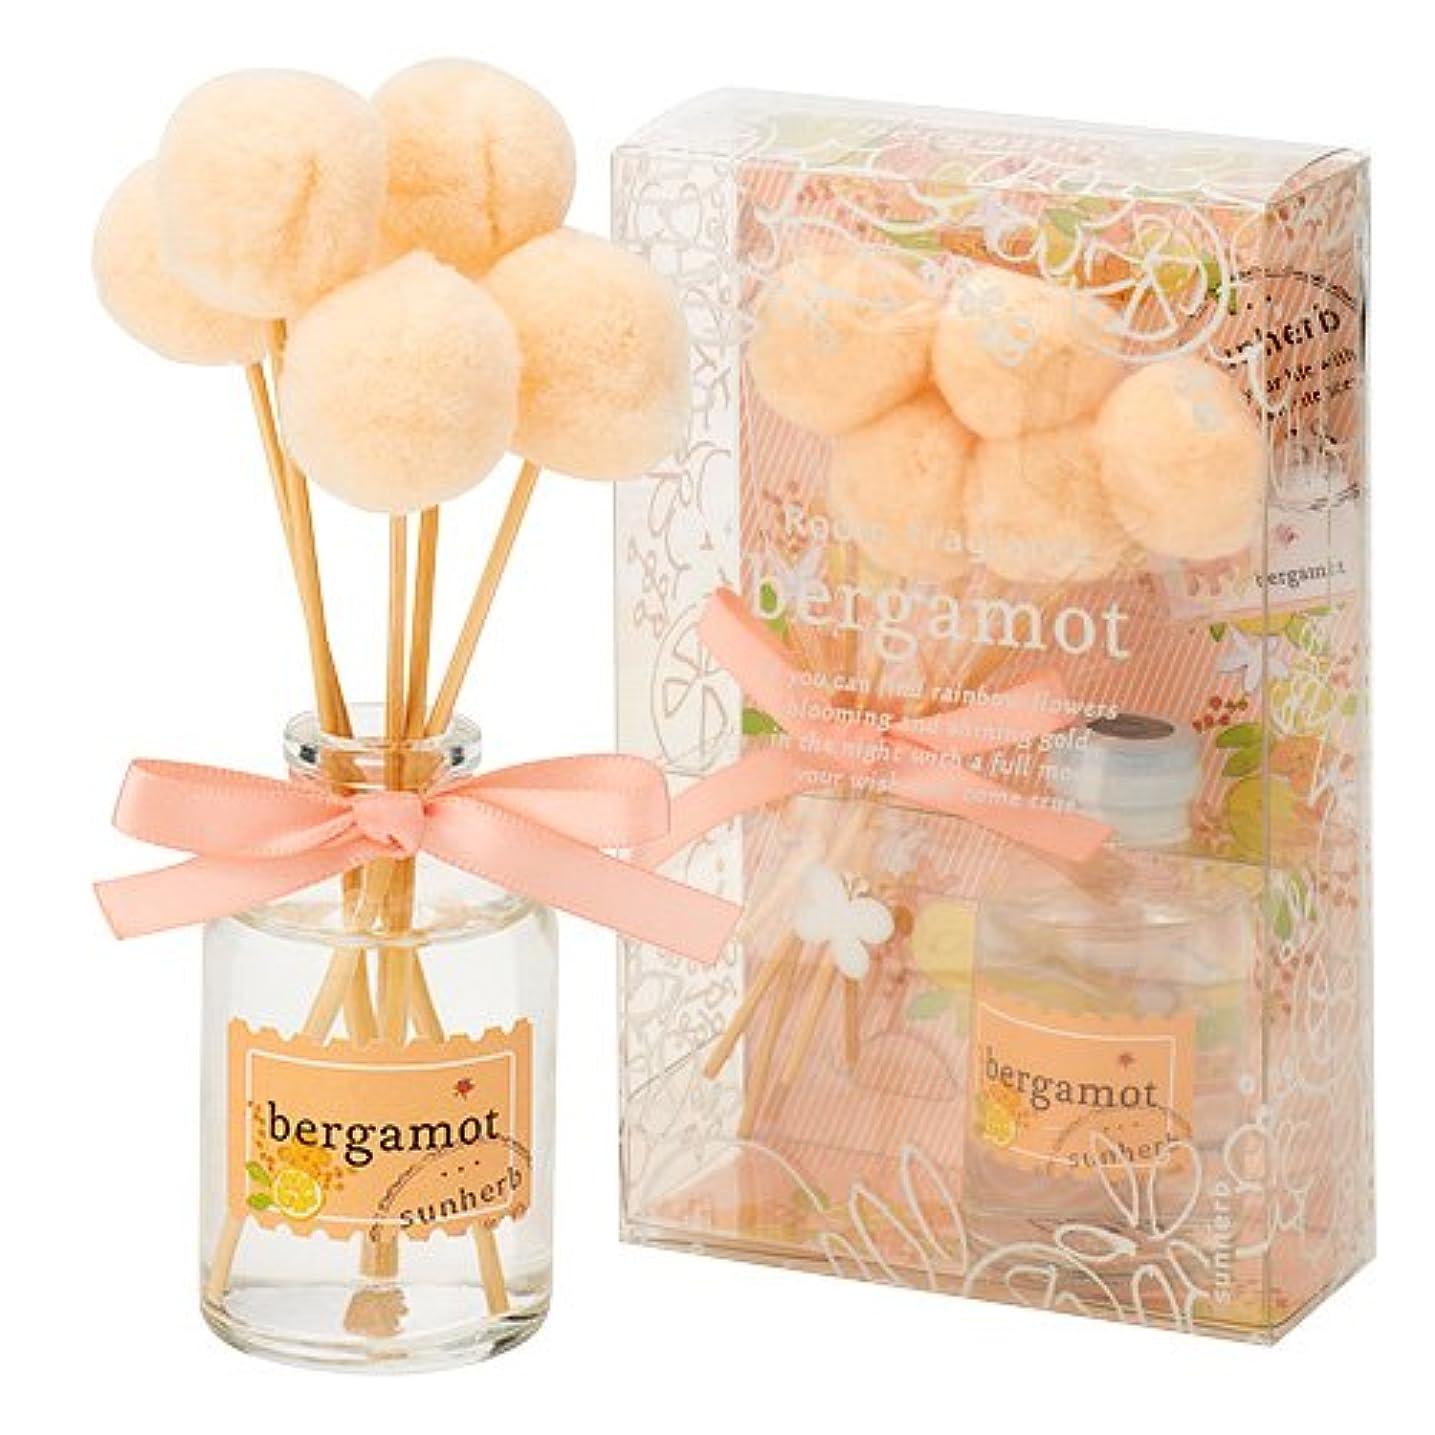 従来の想像力豊かなラッシュサンハーブ ルームフレグランス(フレグランスオイル30ml/スティック5本 懐かしい甘酸っぱい香り) ベルガモット (芳香剤 懐かしい甘酸っぱい香り)